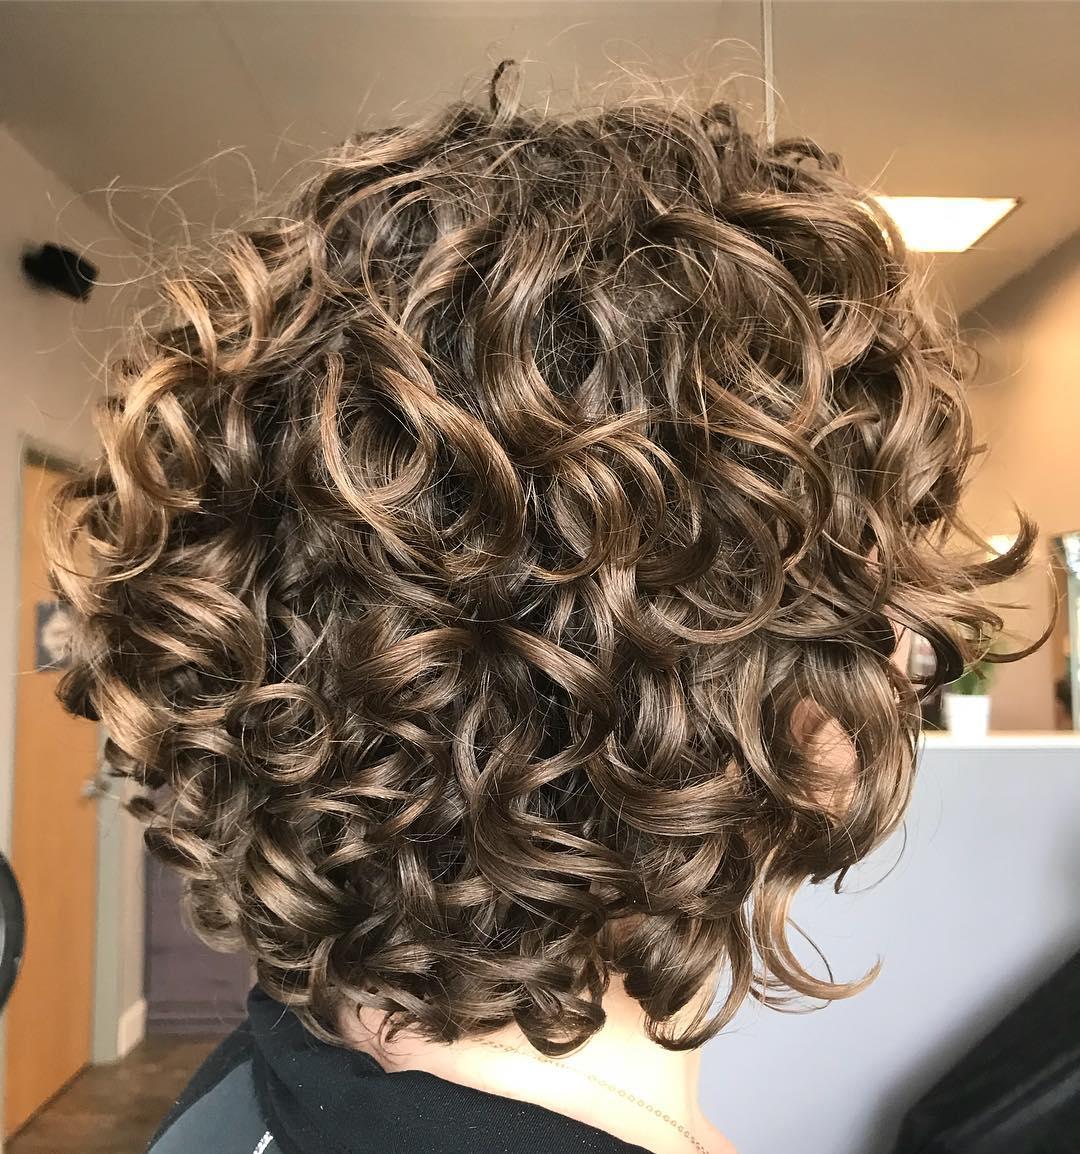 Taglio di capelli corto per ricci